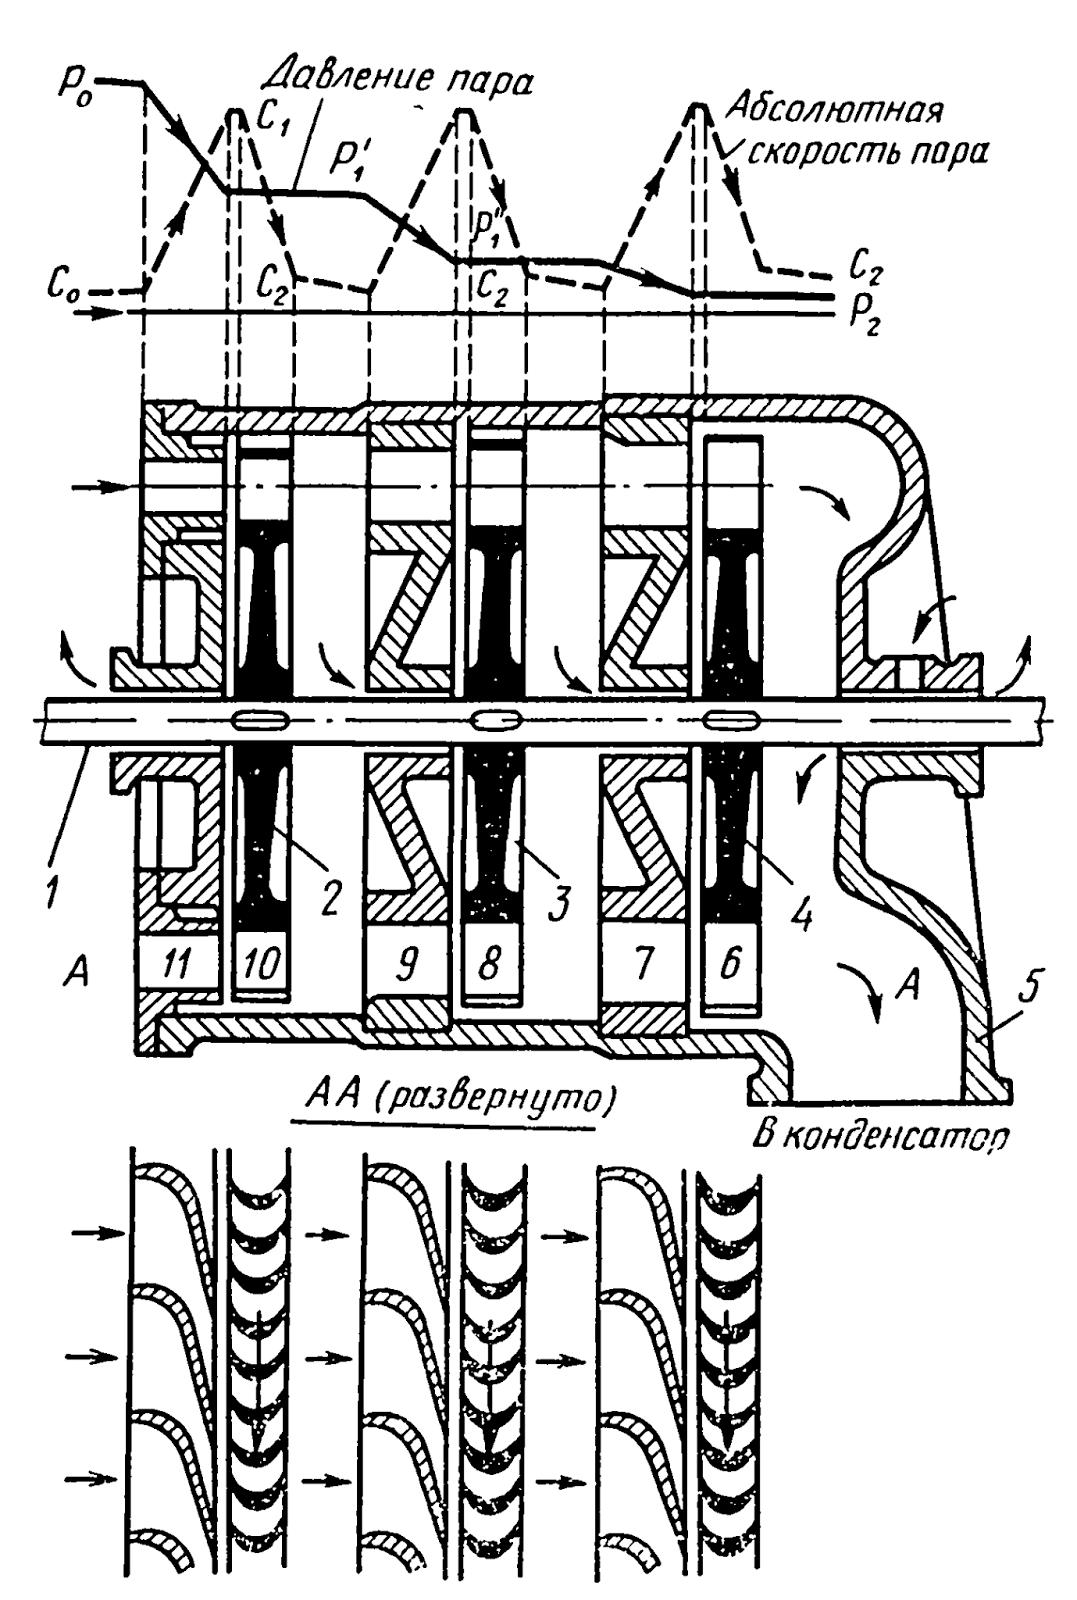 инструкция ремонт паровых турбин